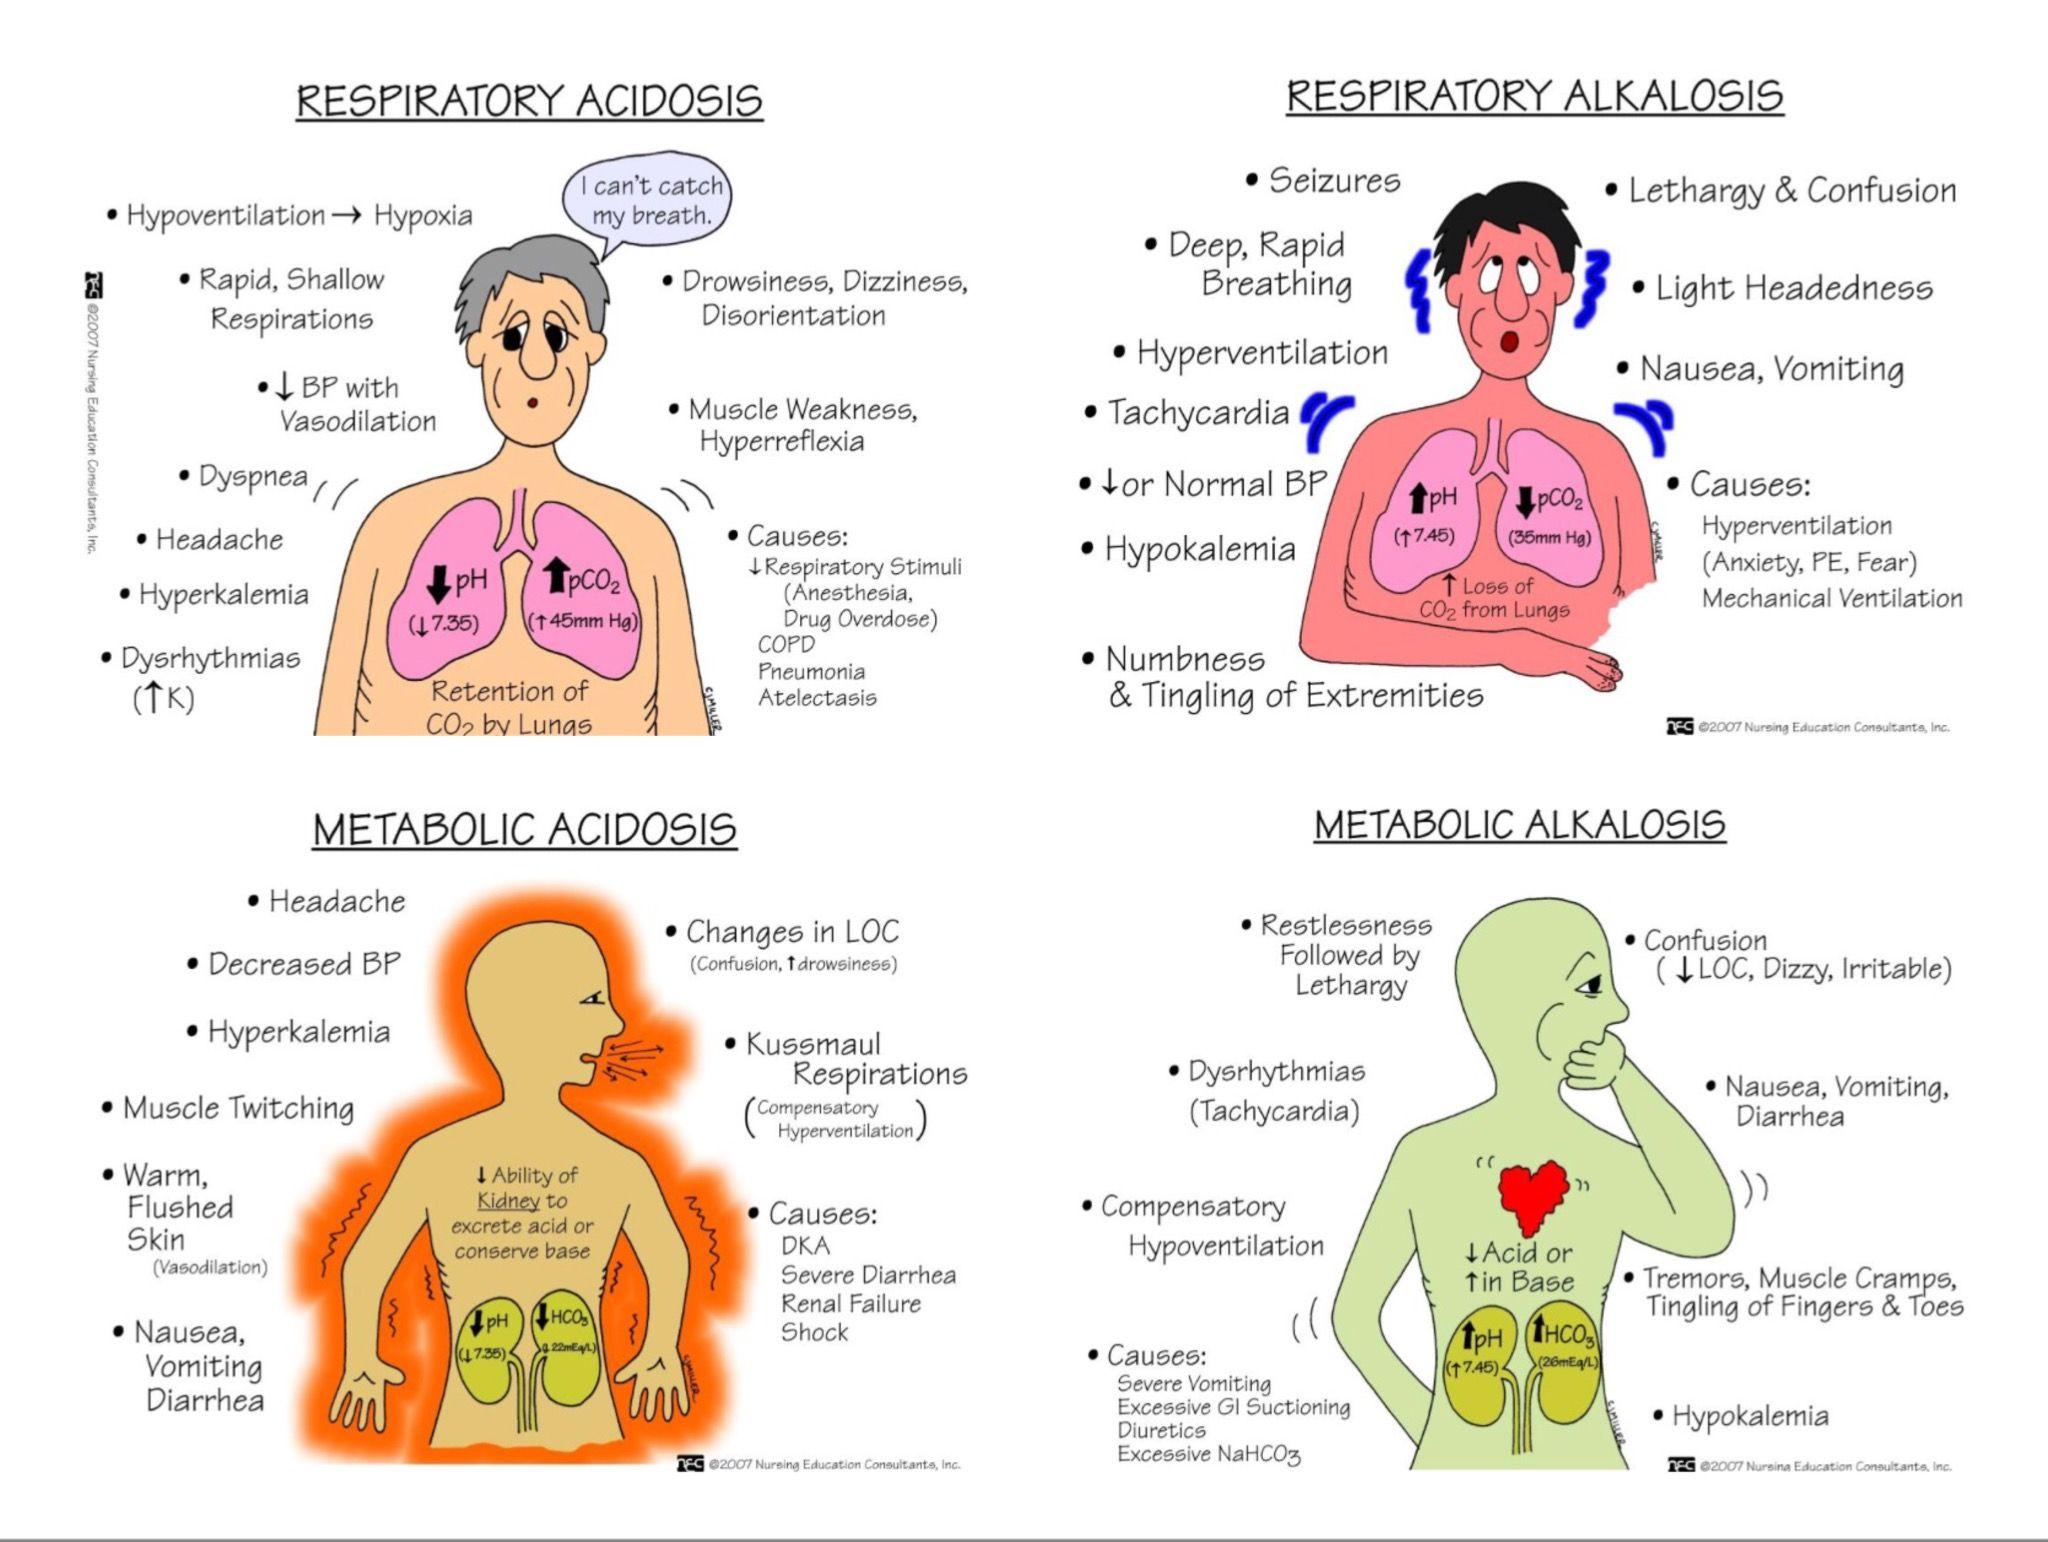 Respiratory Metabolic Acidosis Vs Alkalosis Nursing School Survival Nursing School Notes Nursing School Essential